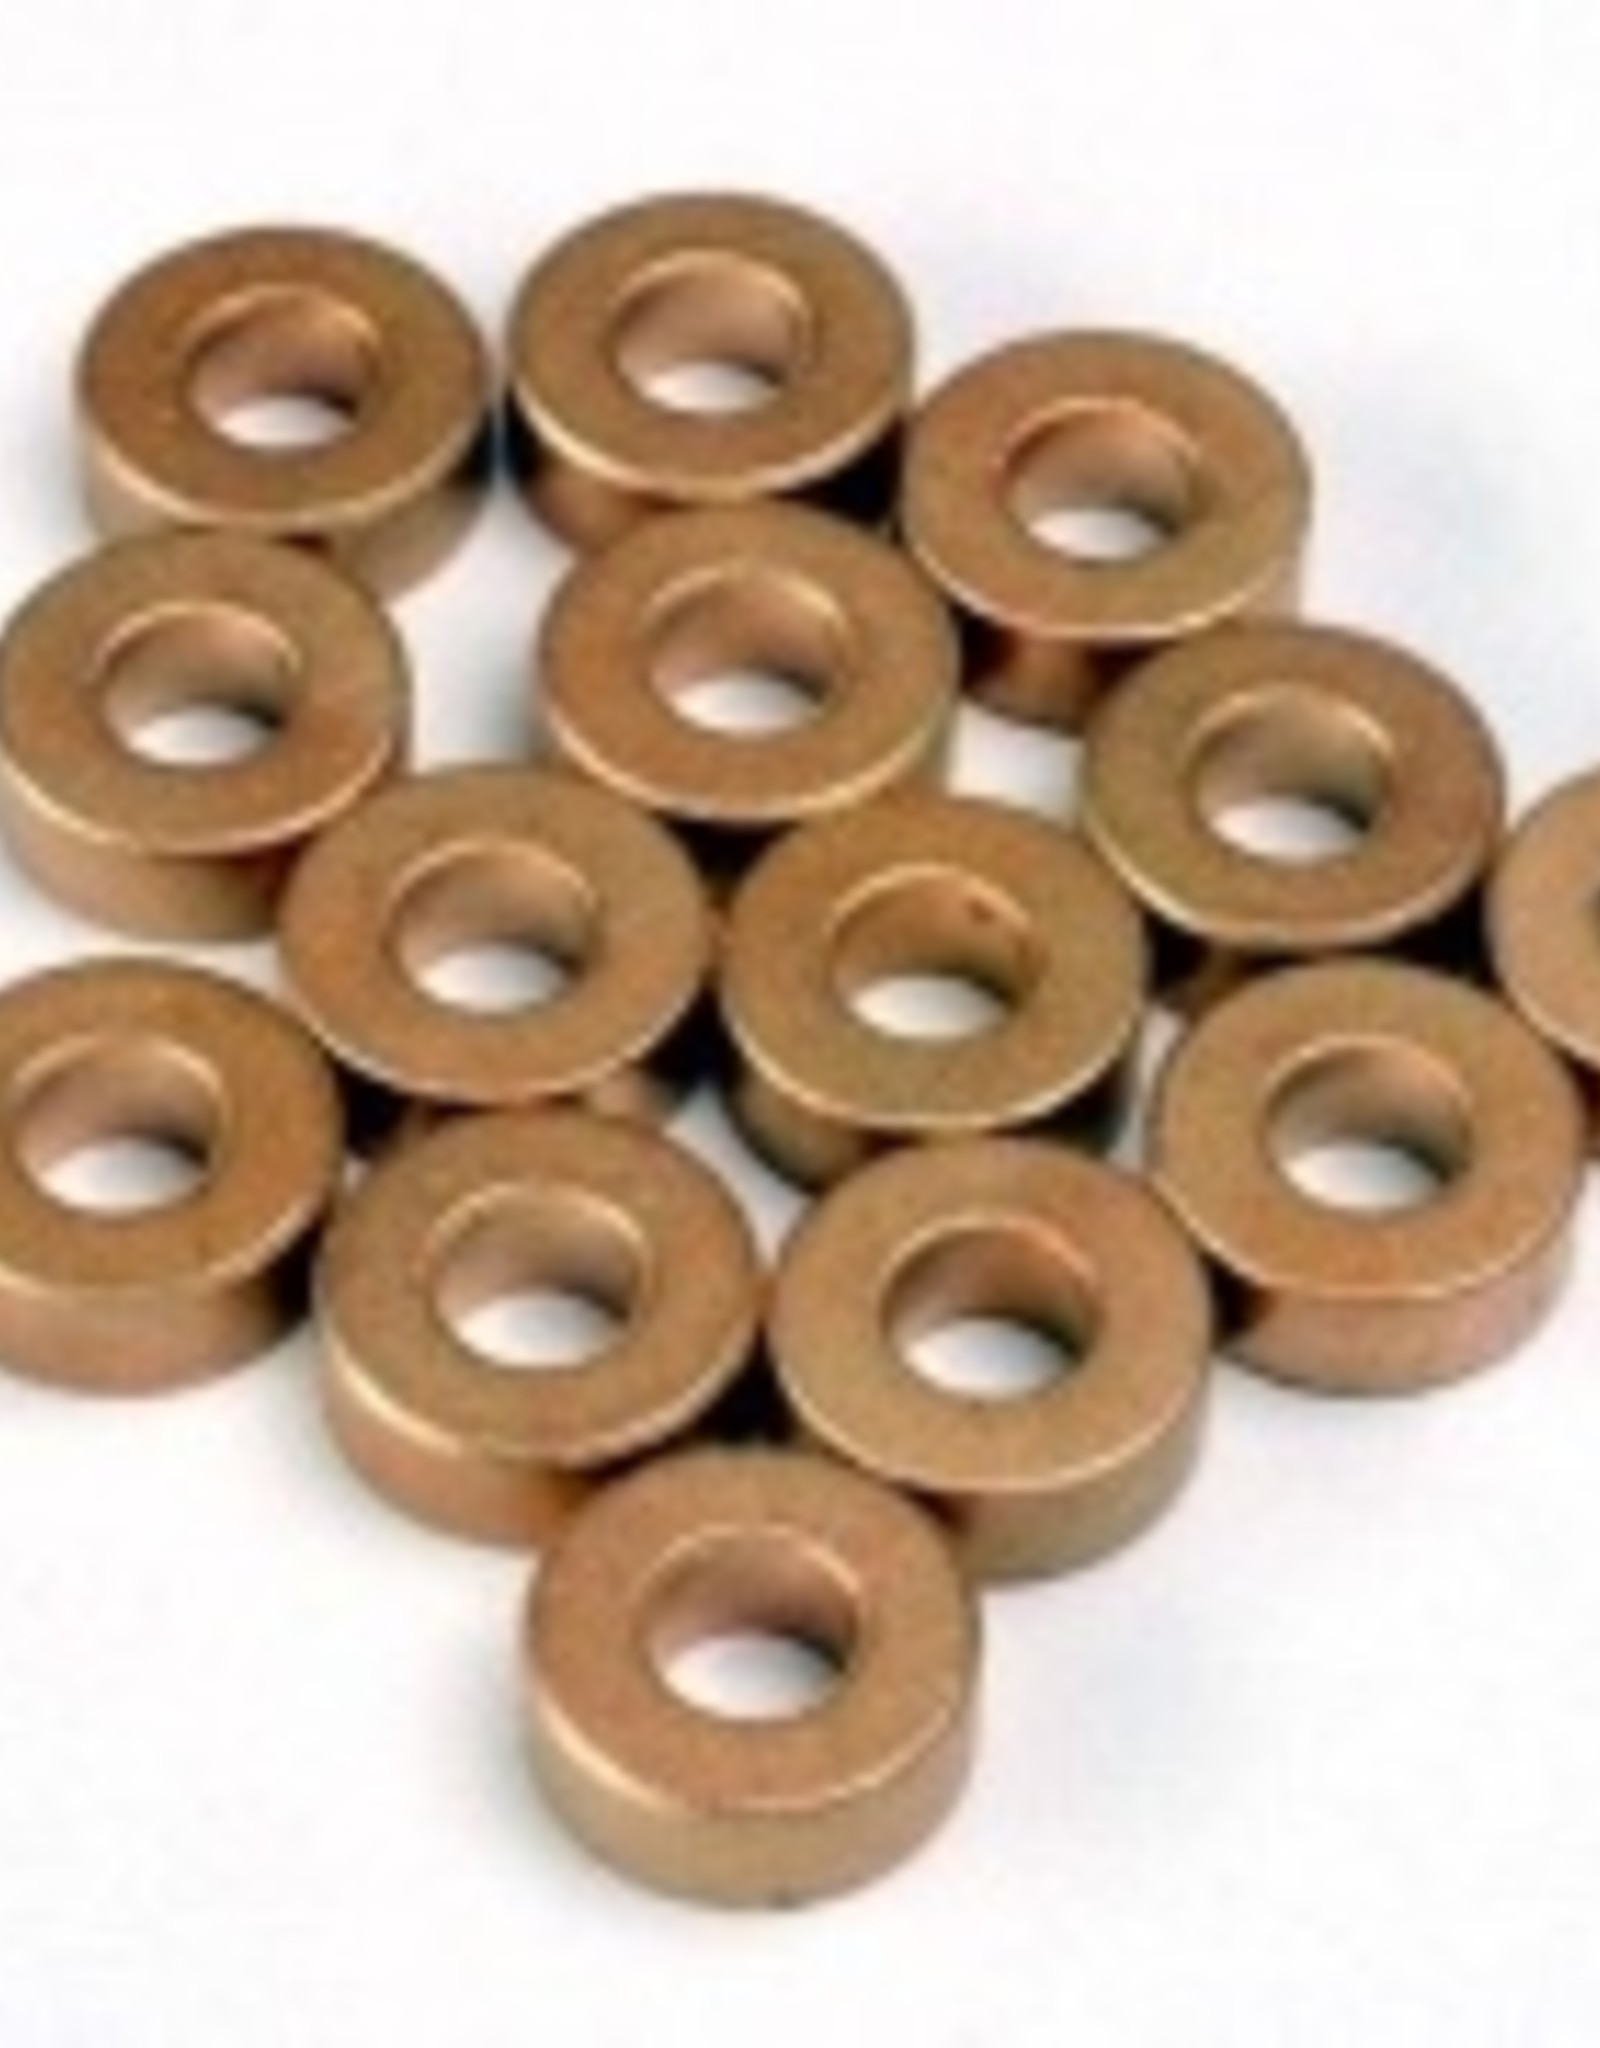 Traxxas Traxxas Bushings, self-lubricating (5x11x4mm) (14) TRA1675